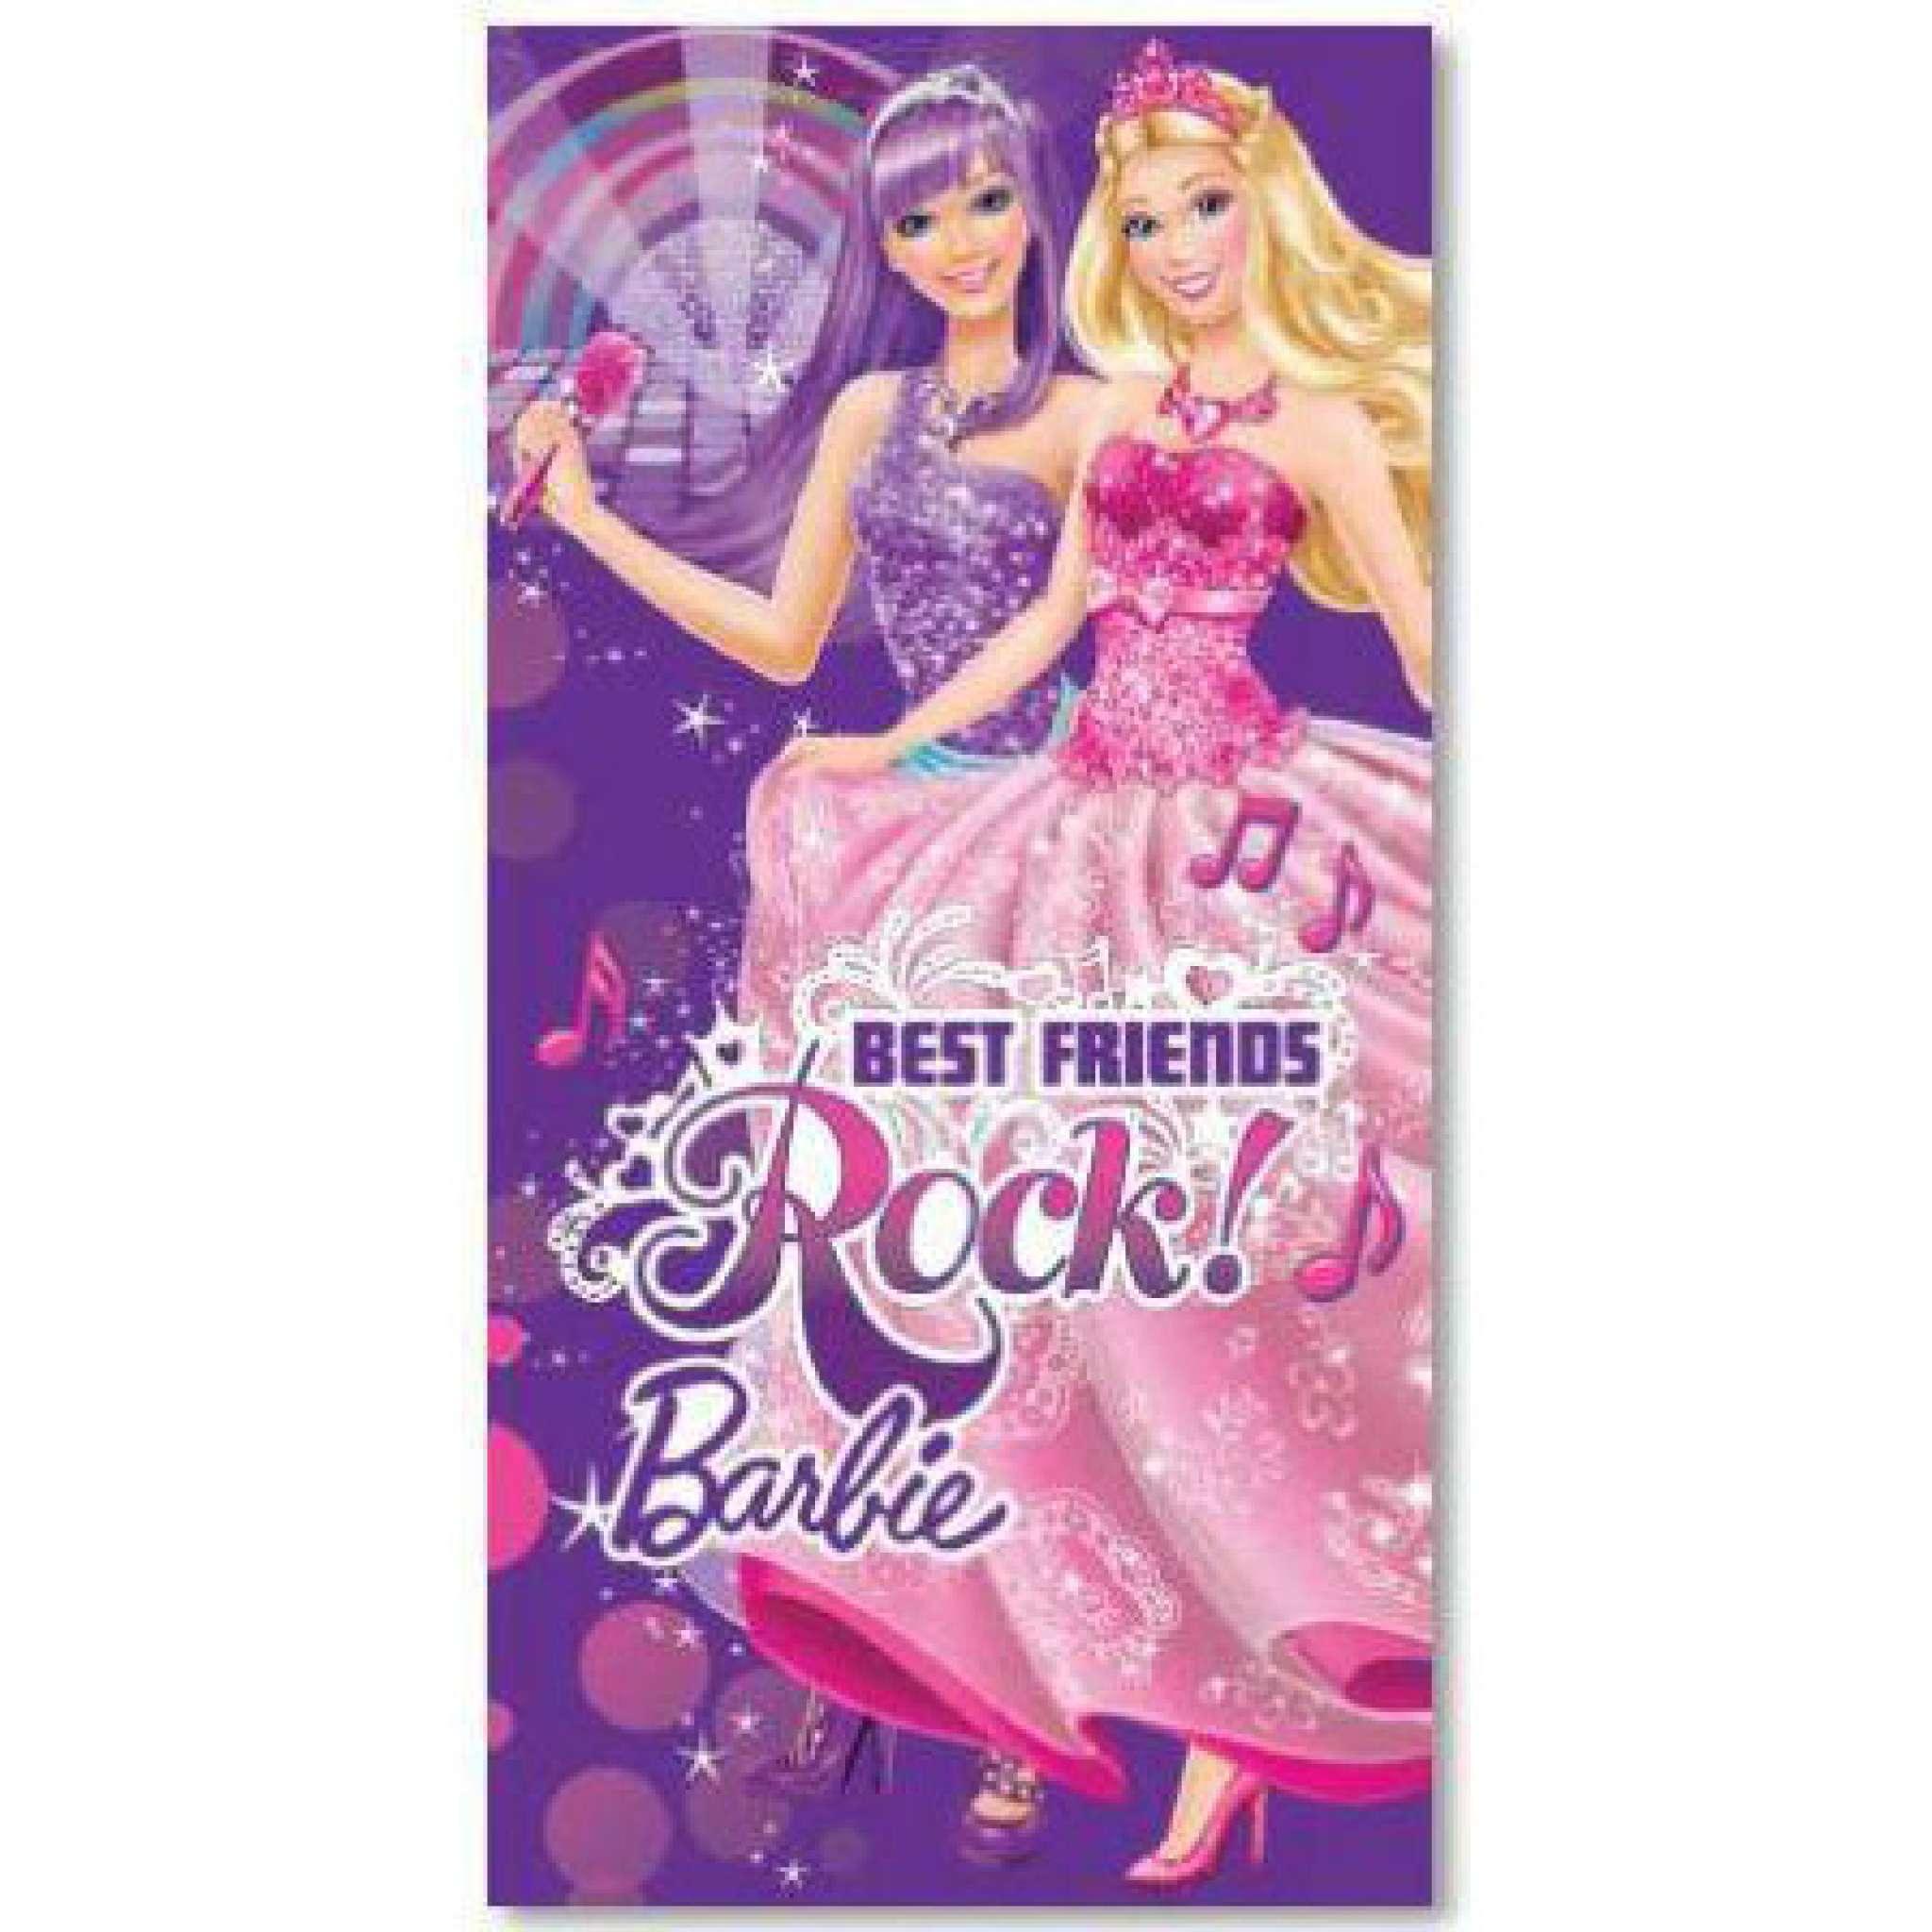 Barbie Rock Badehandtuch